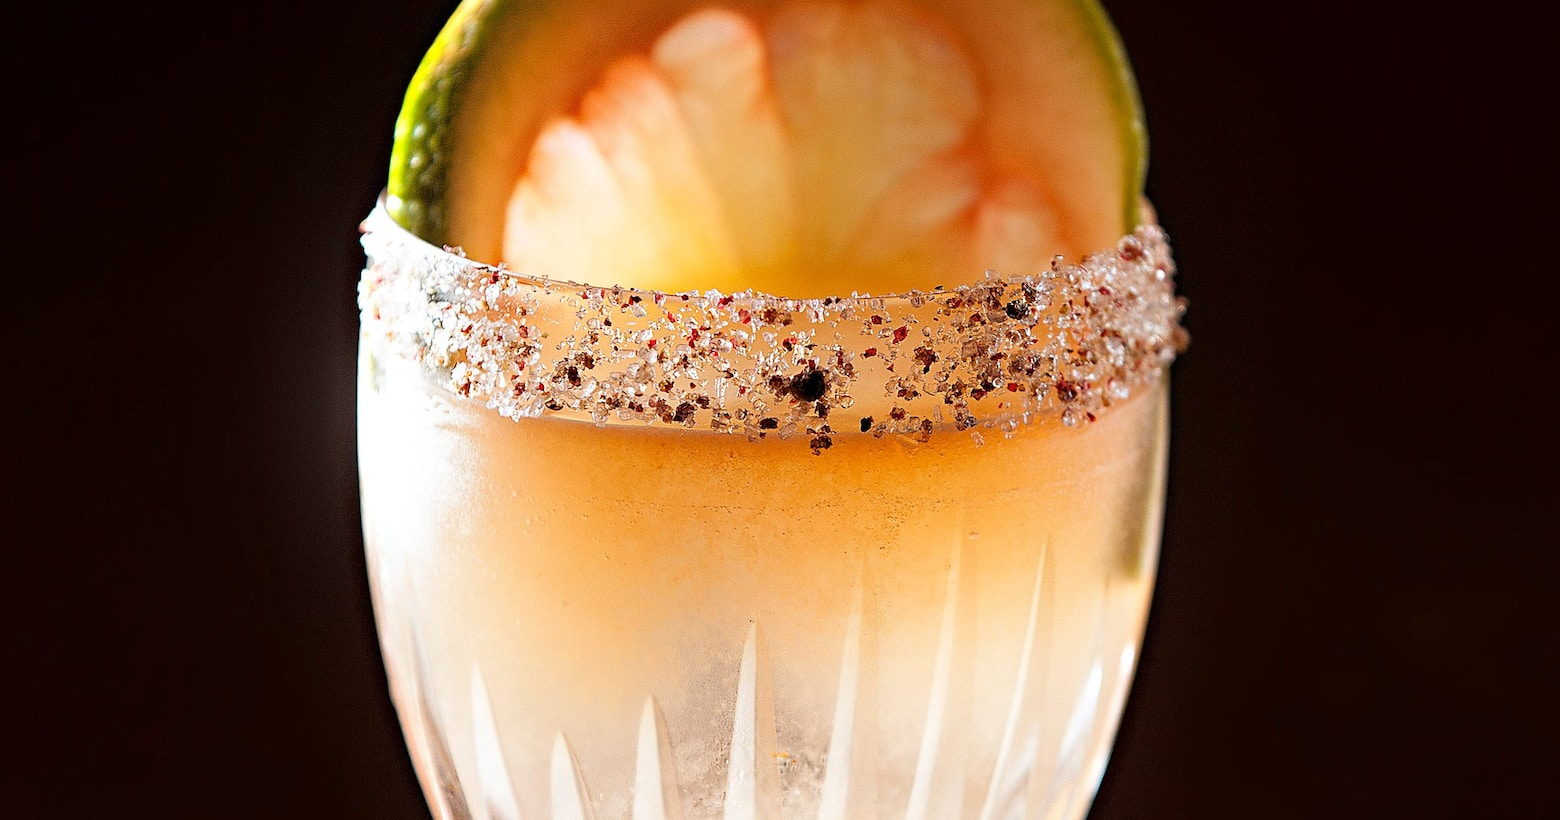 PDT cocktails